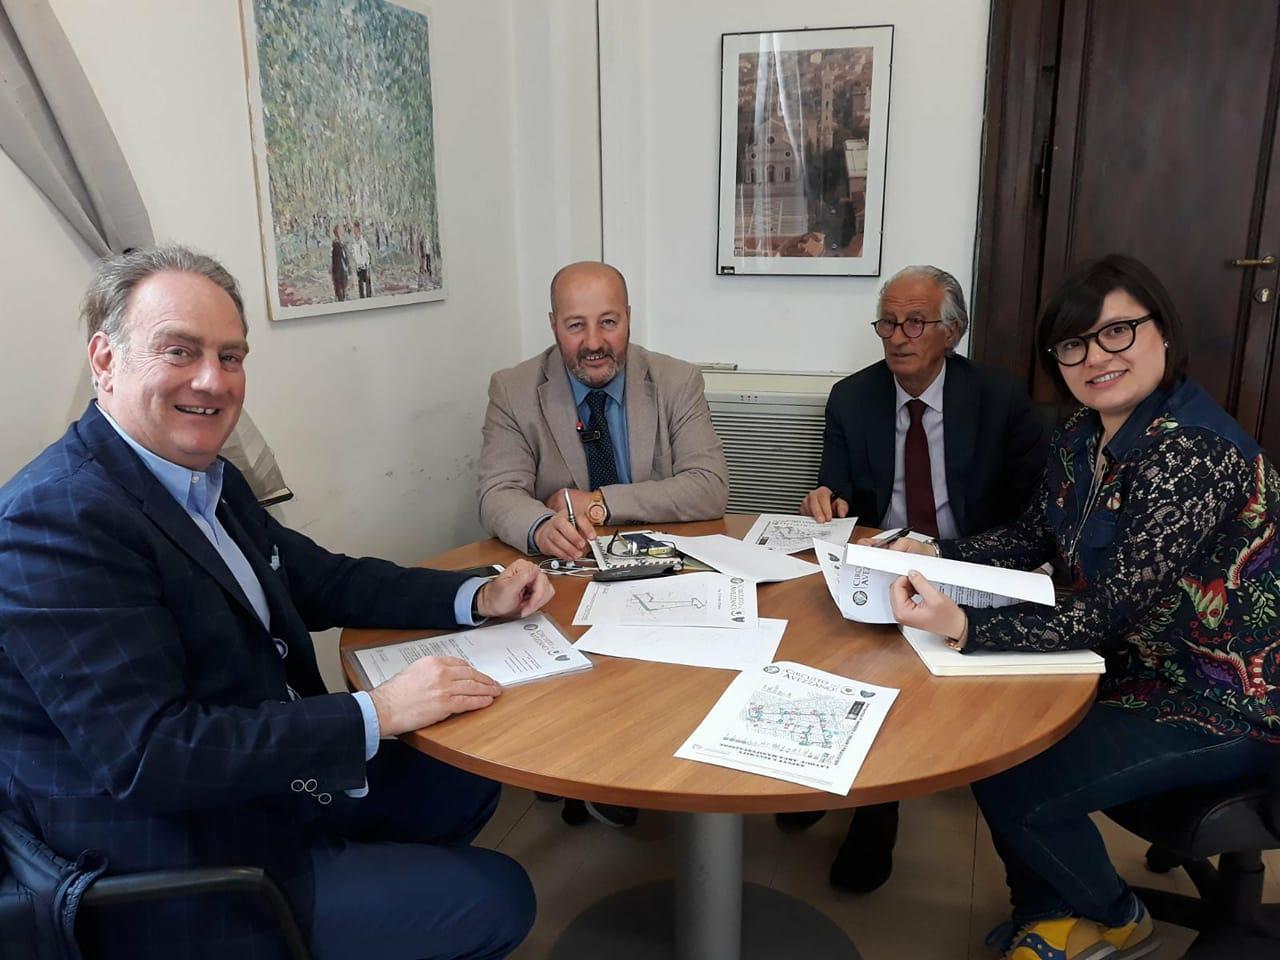 Sesta edizione del Circuito di Avezzano, concordato un nuovo percorso che valorizzi il centro della Città